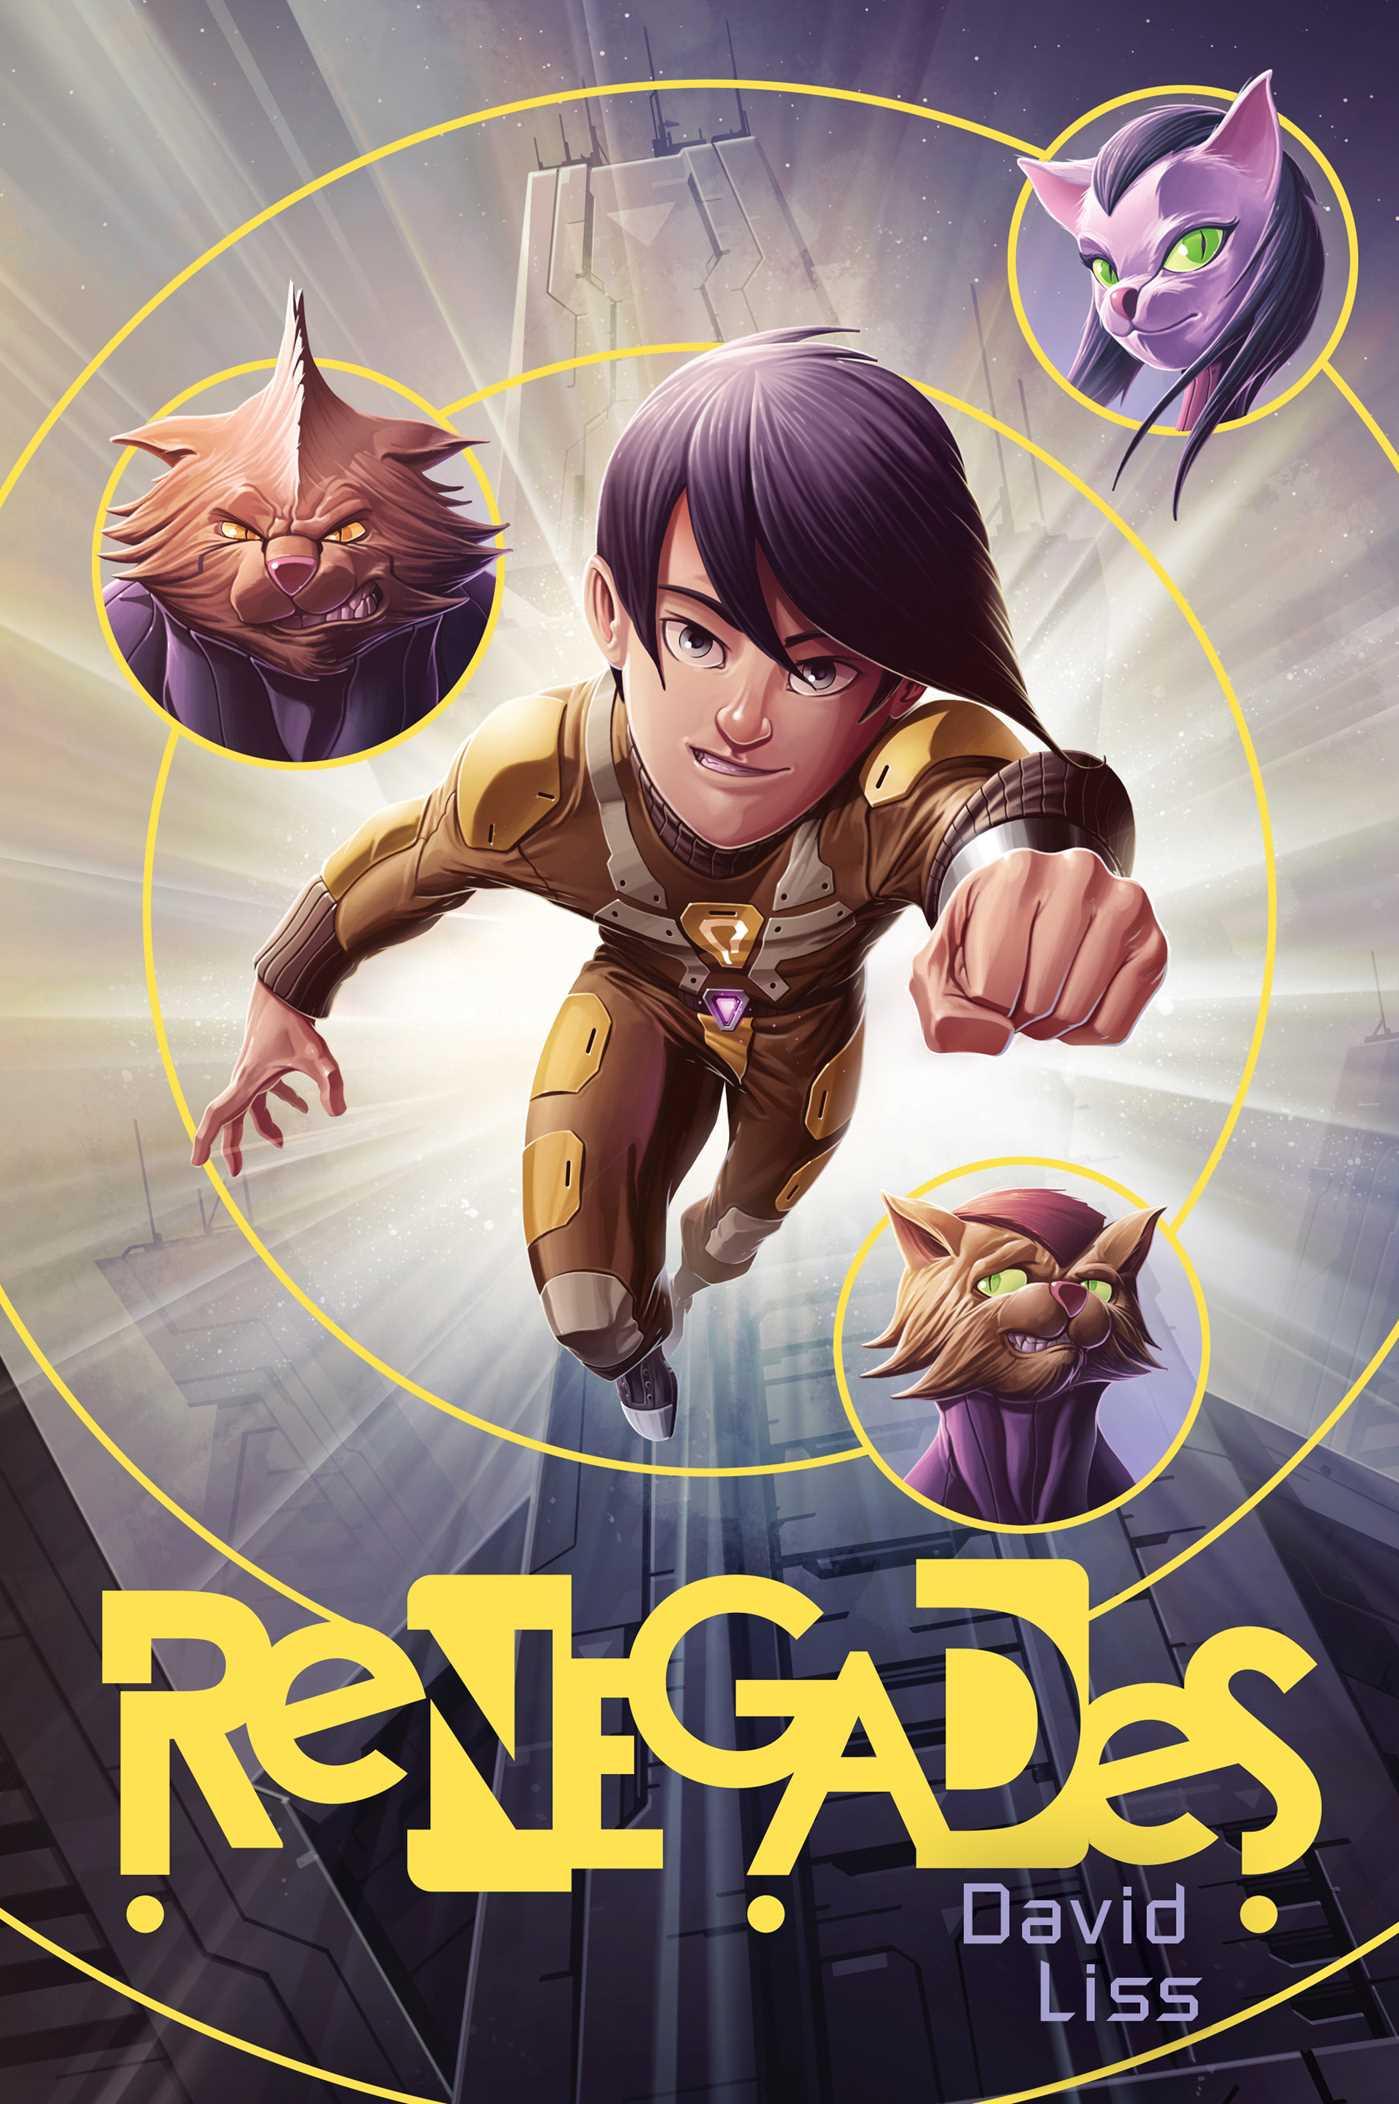 Renegades 9781481417853 hr